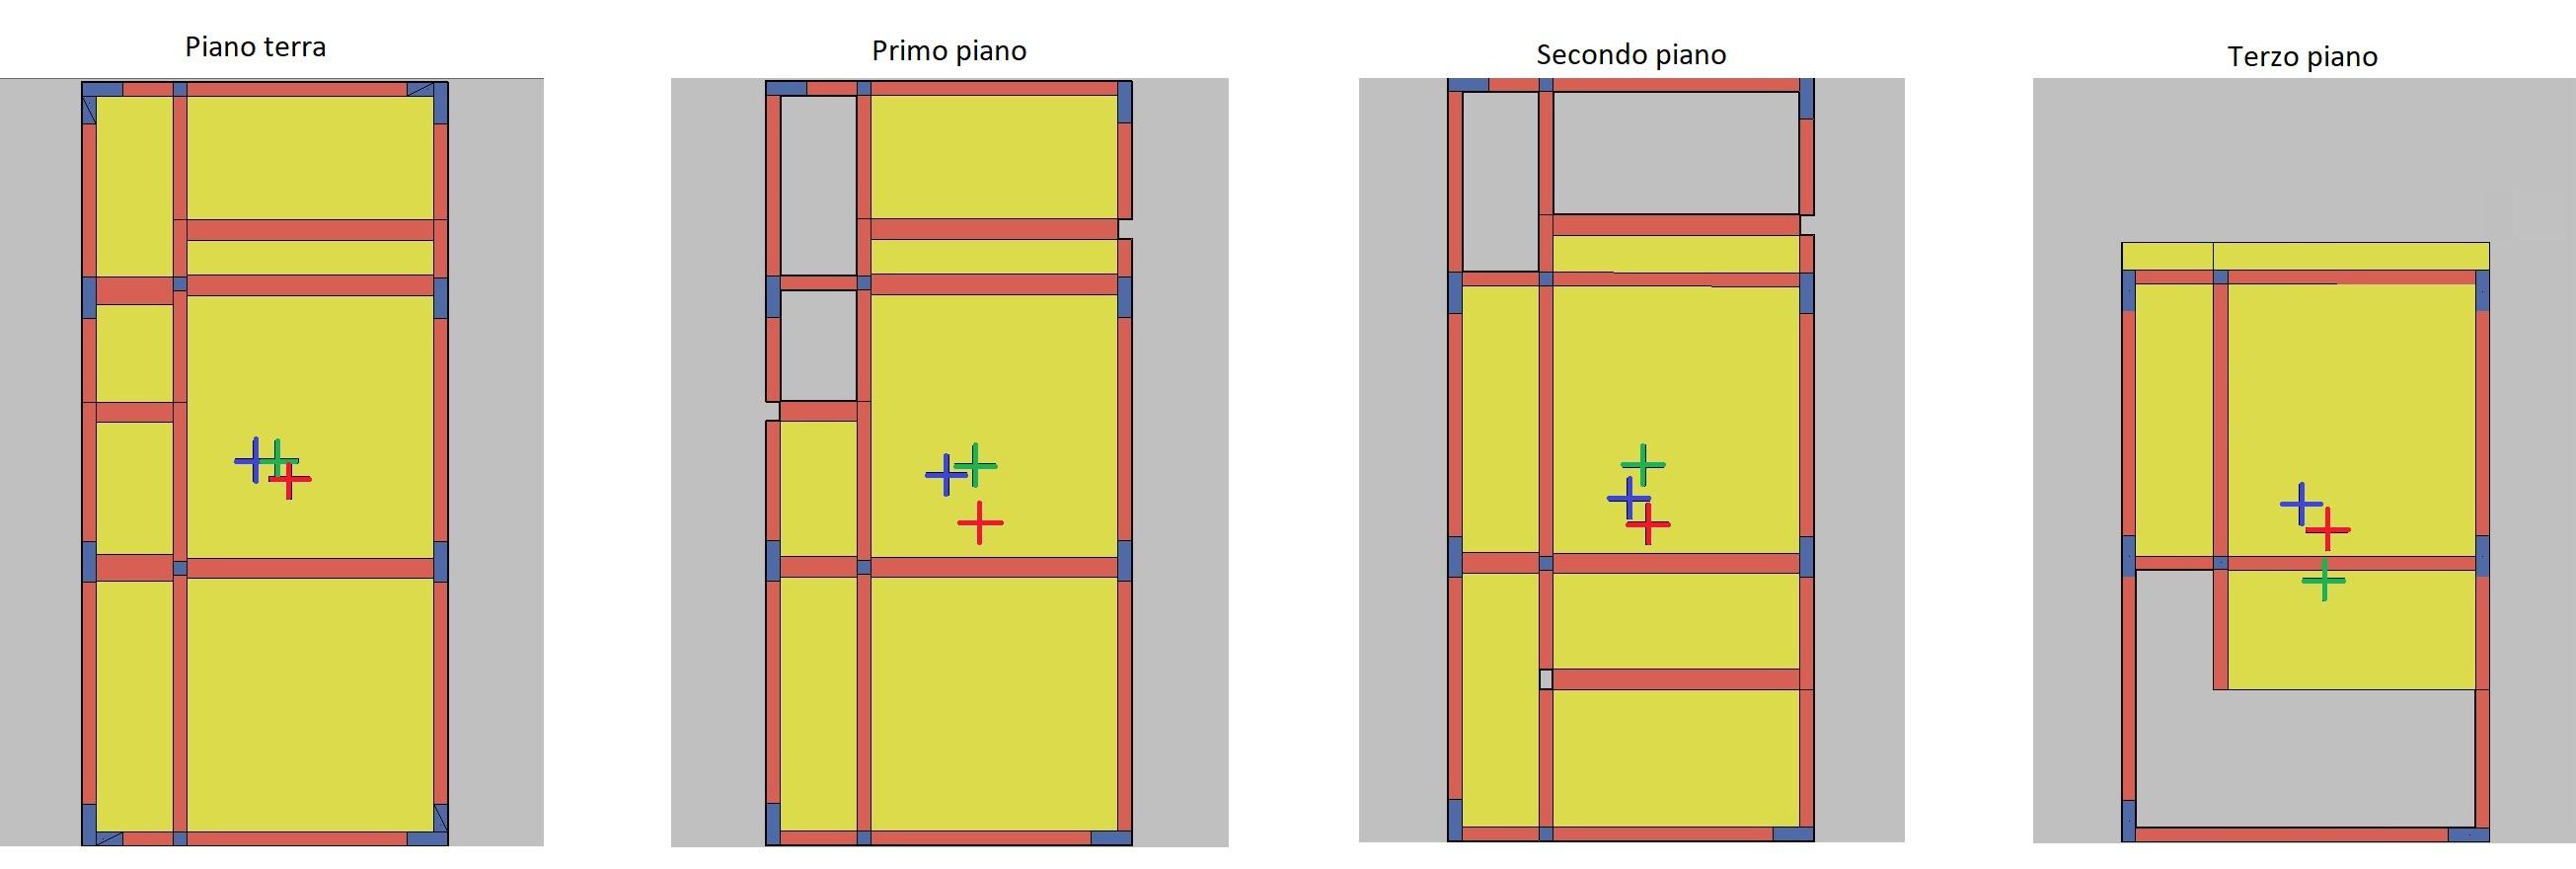 Baricentri di masse e rigidezze per i vari piani